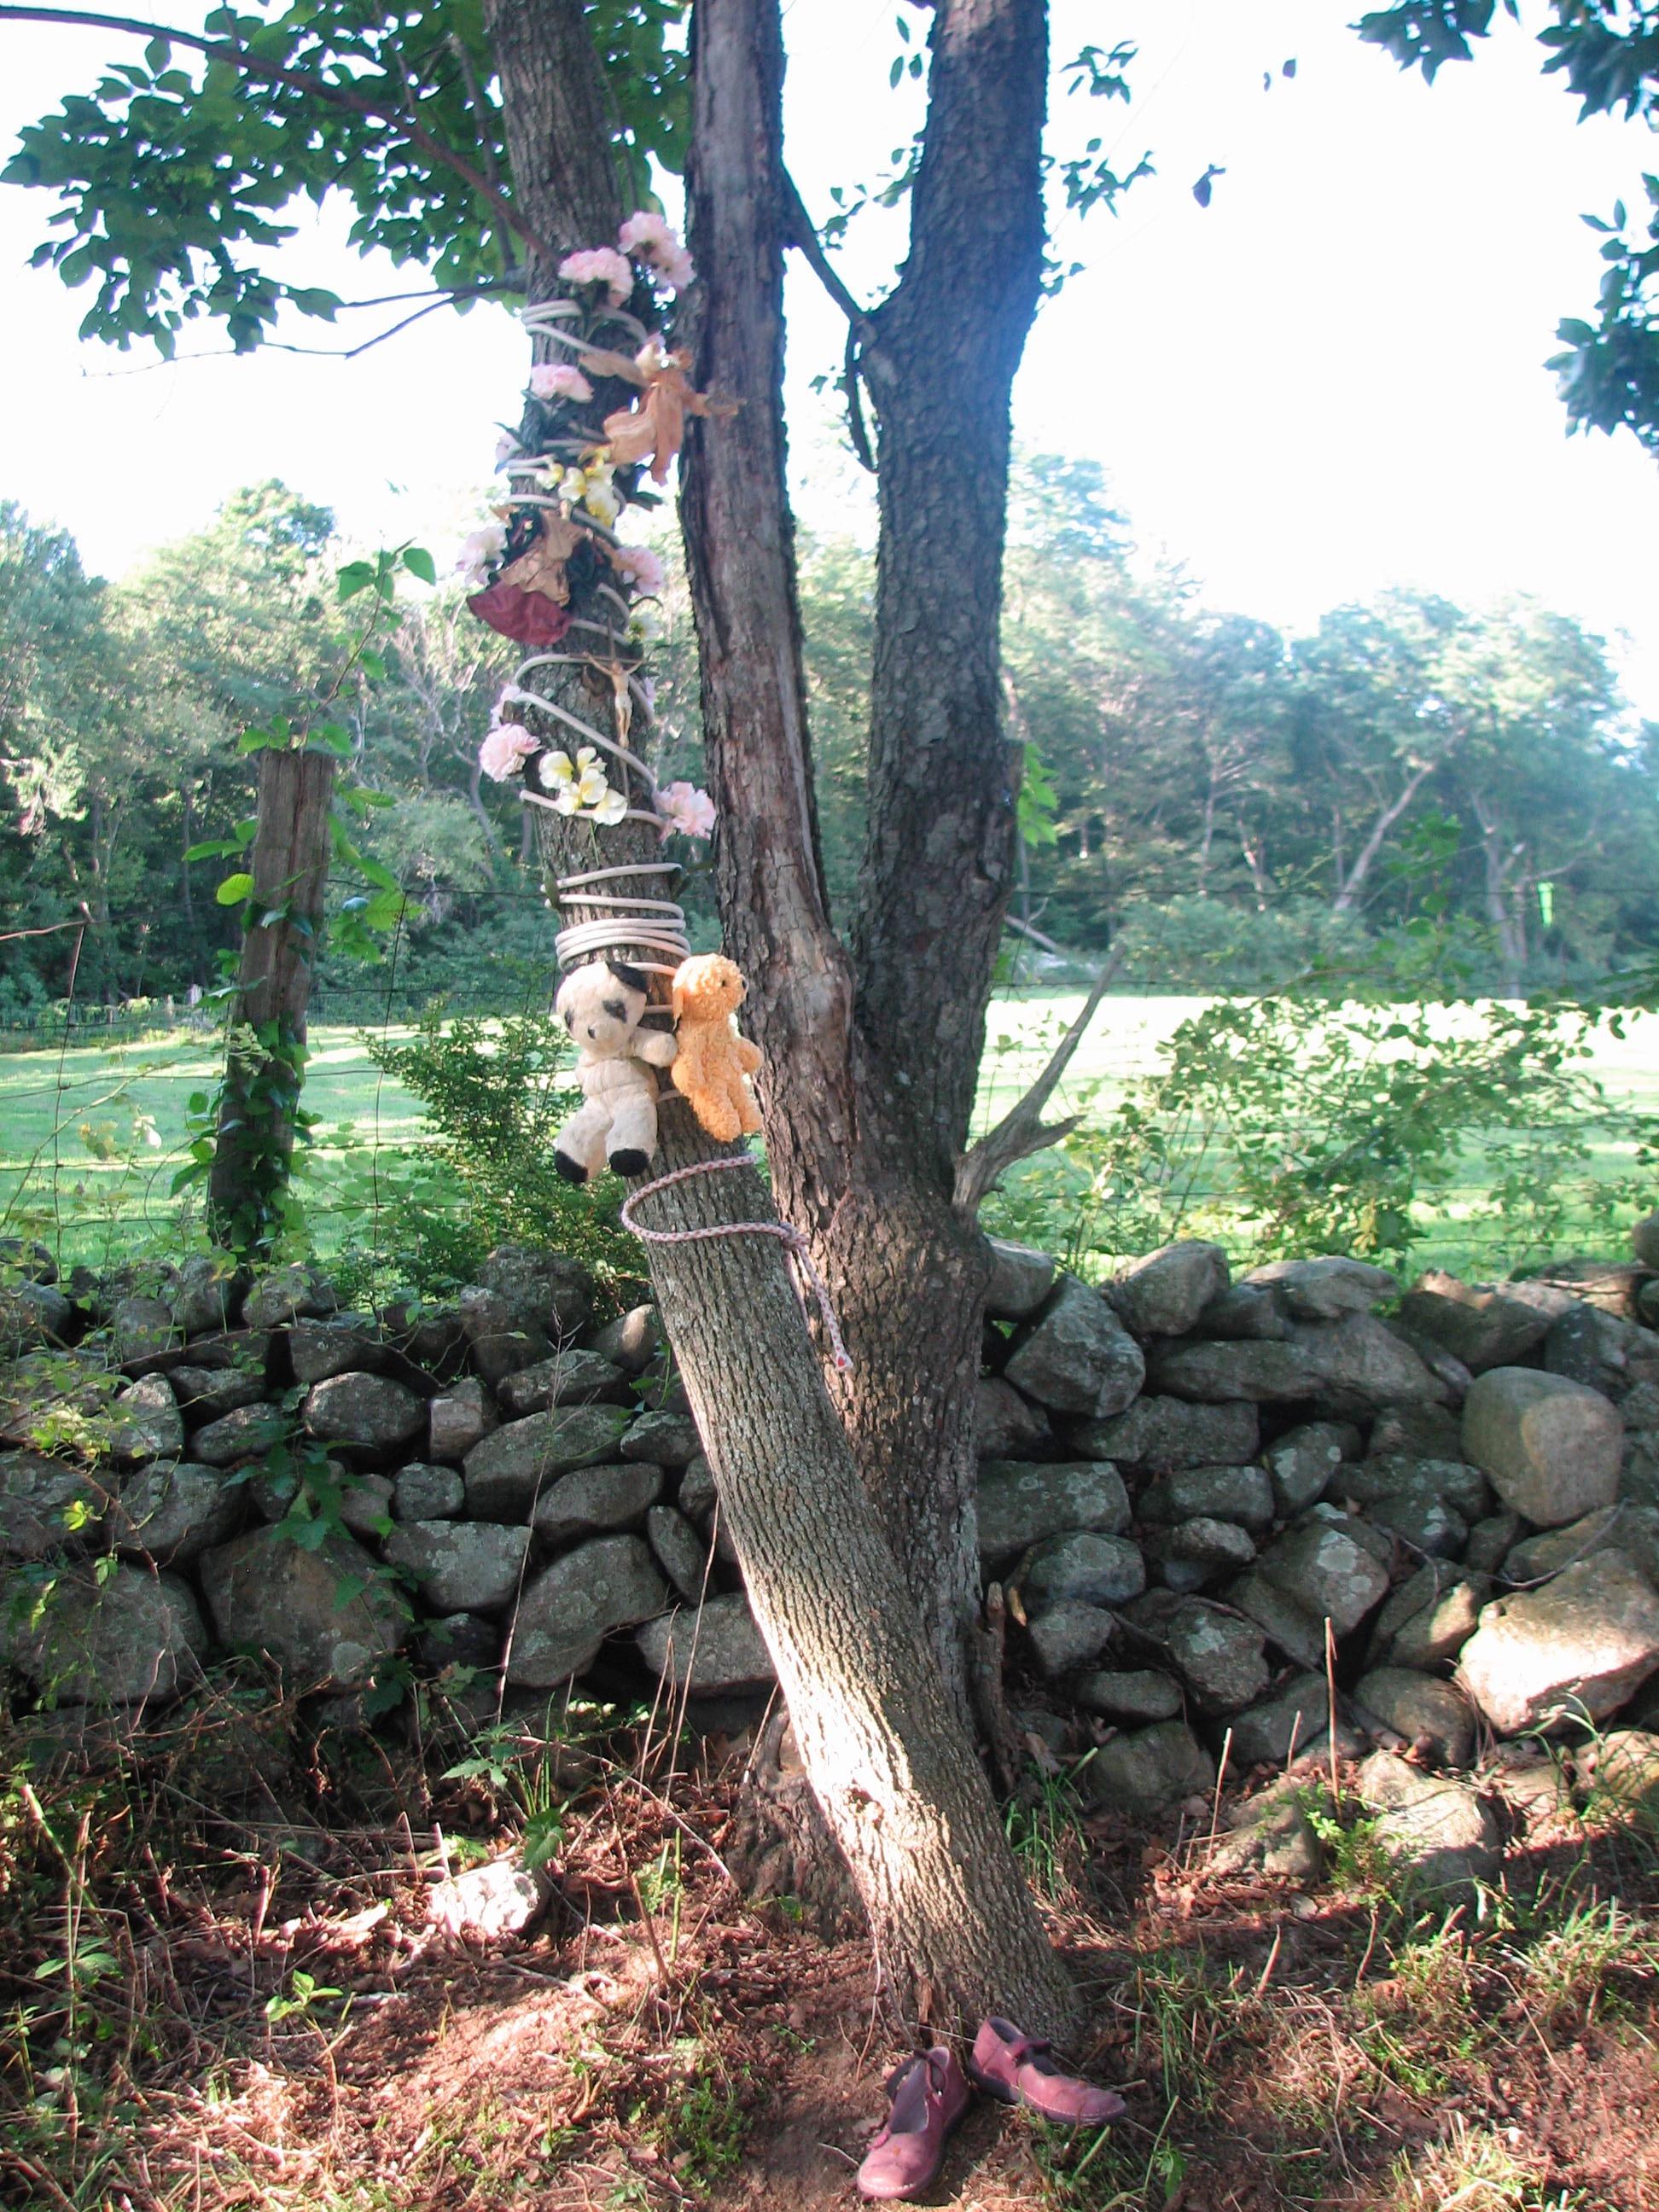 Accident 1 Tree.jpg